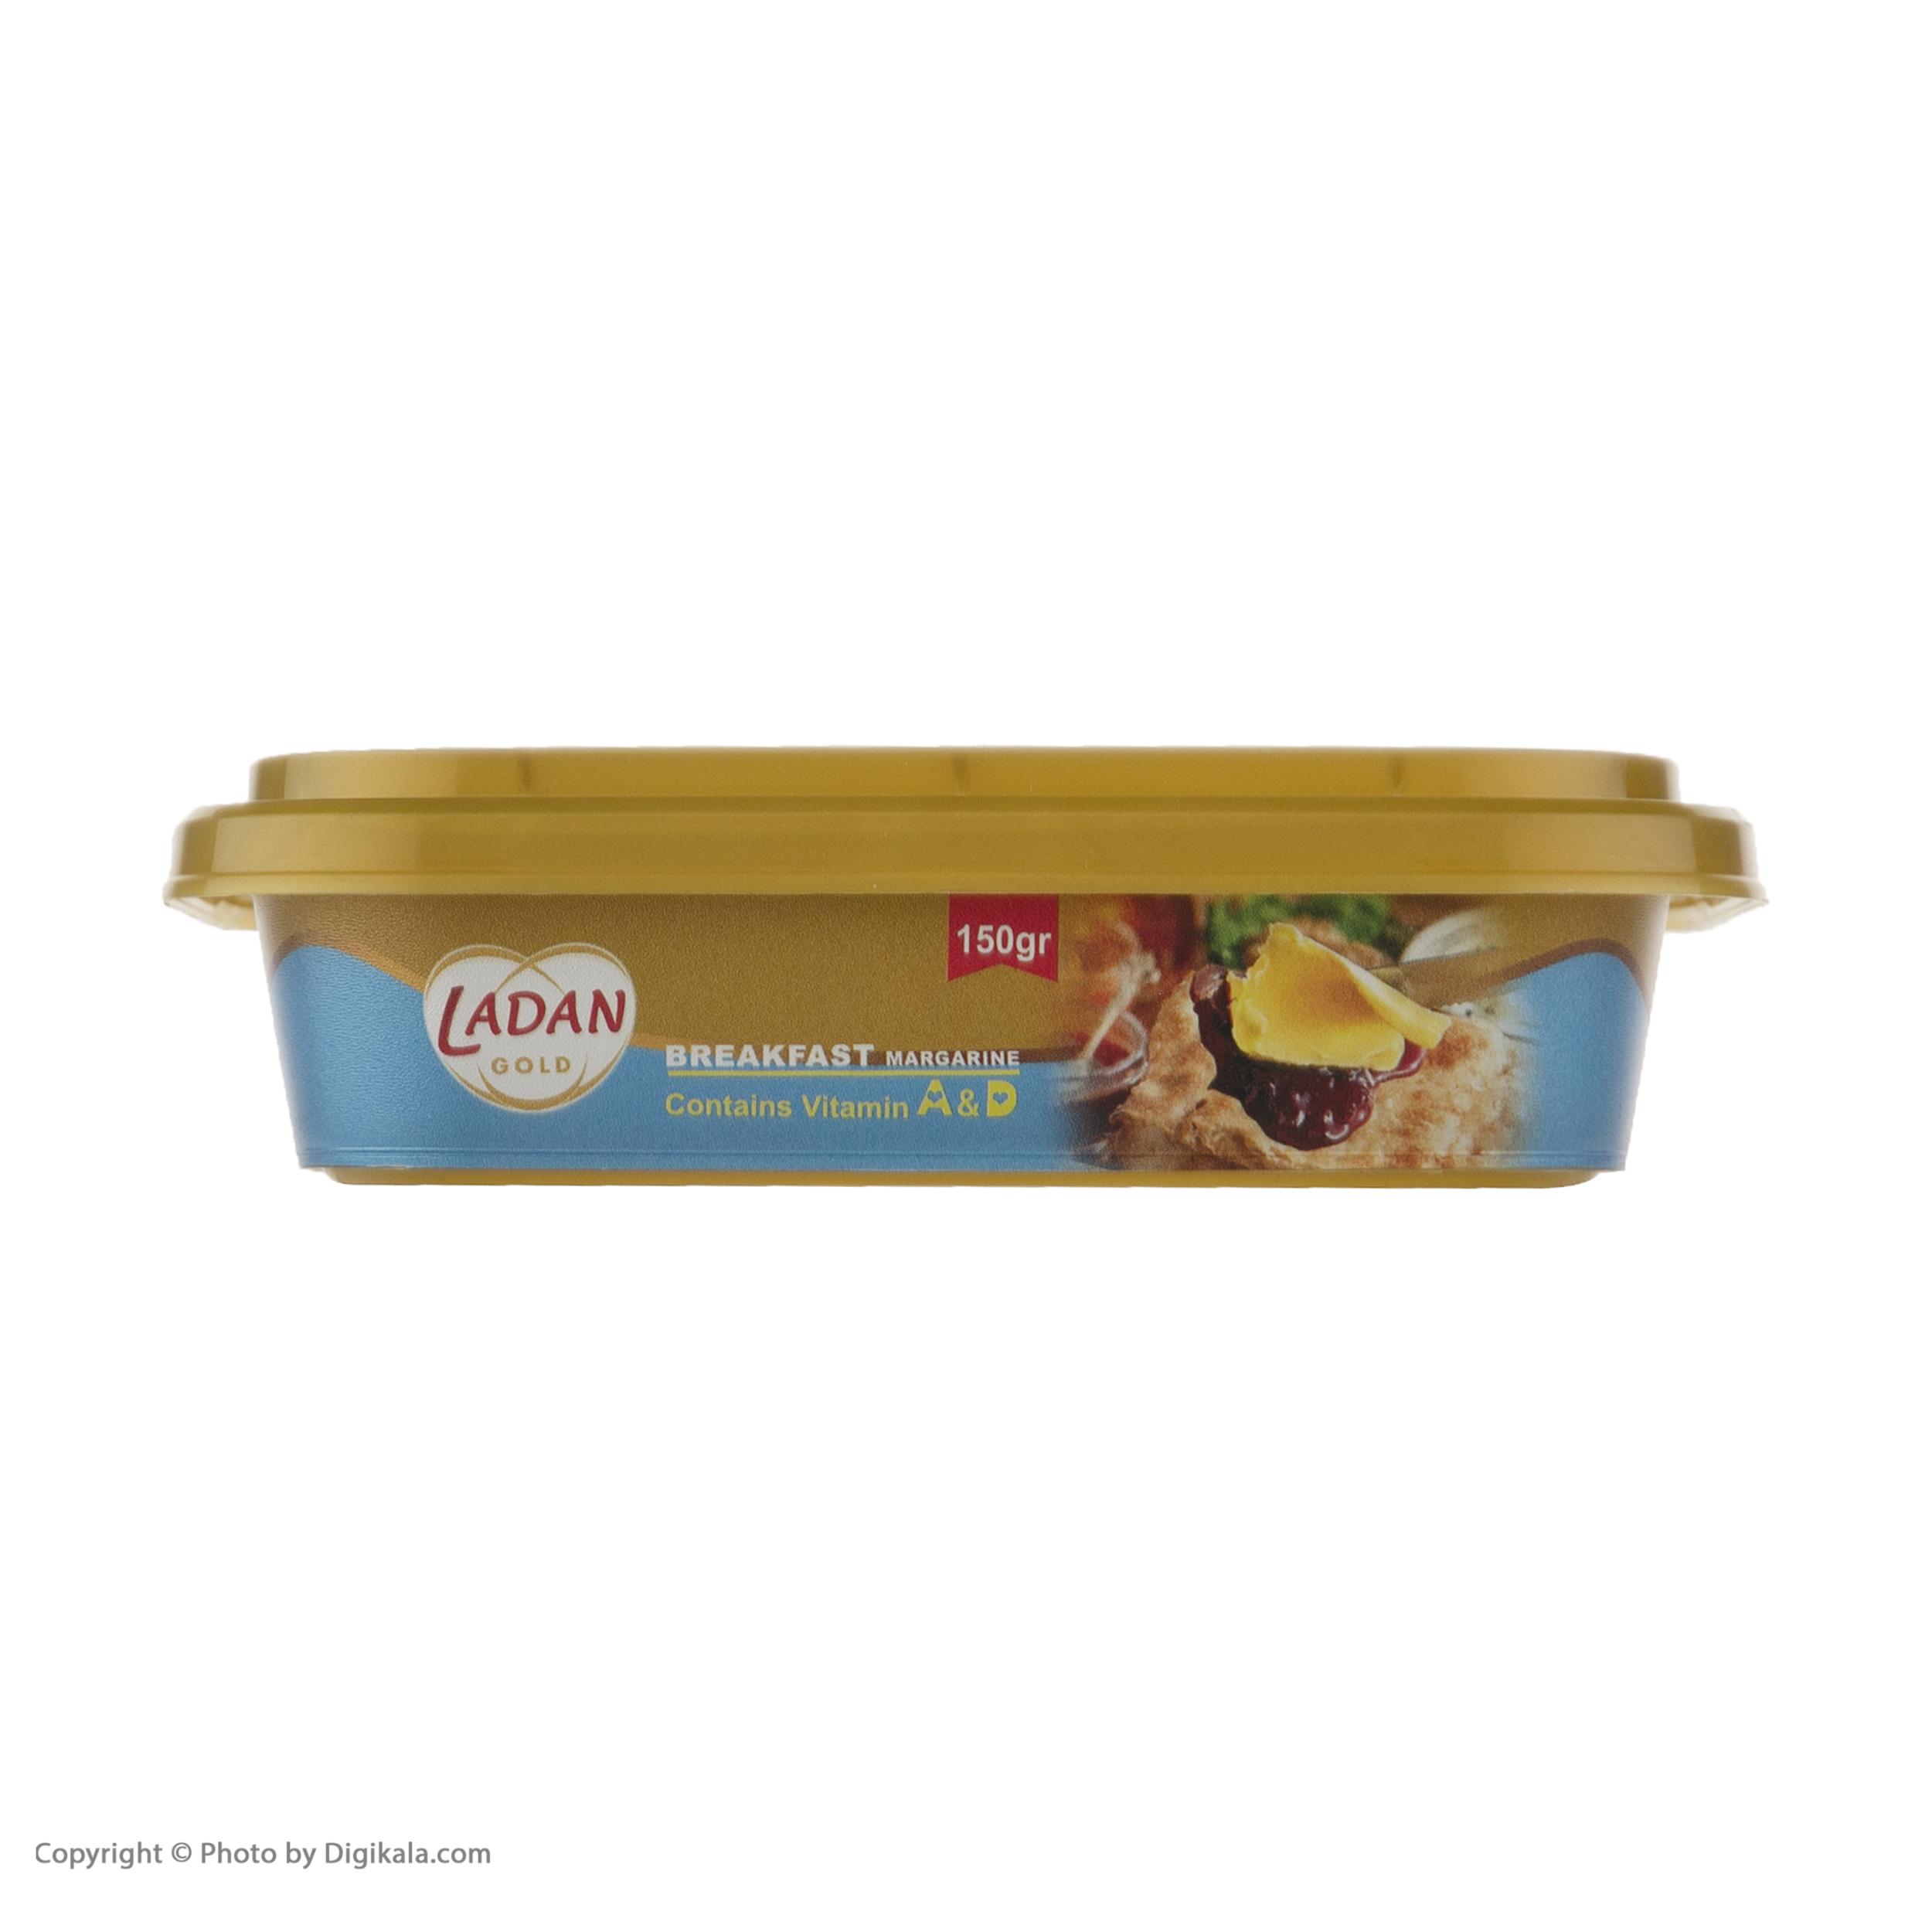 کره گیاهی لادن - 150 گرم   main 1 2